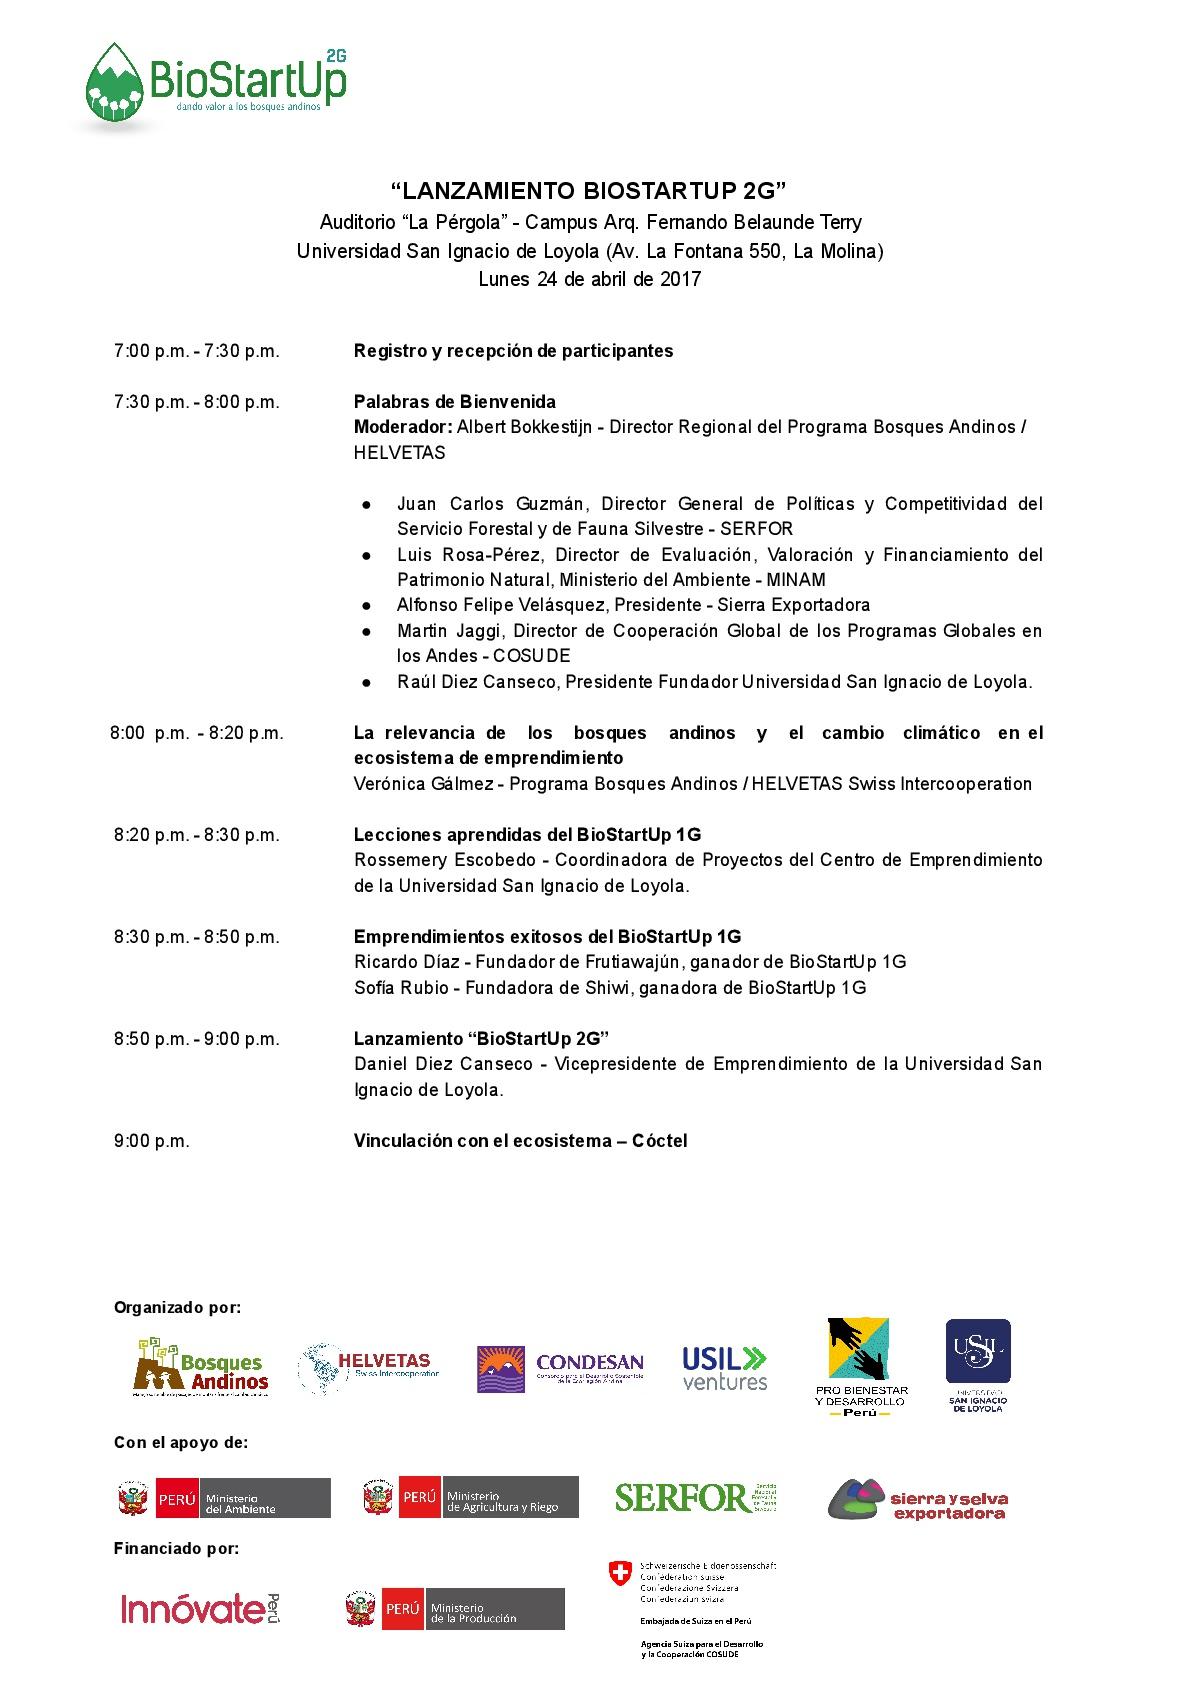 Programa de Lanzamiento del Programa BioStartUp 2G